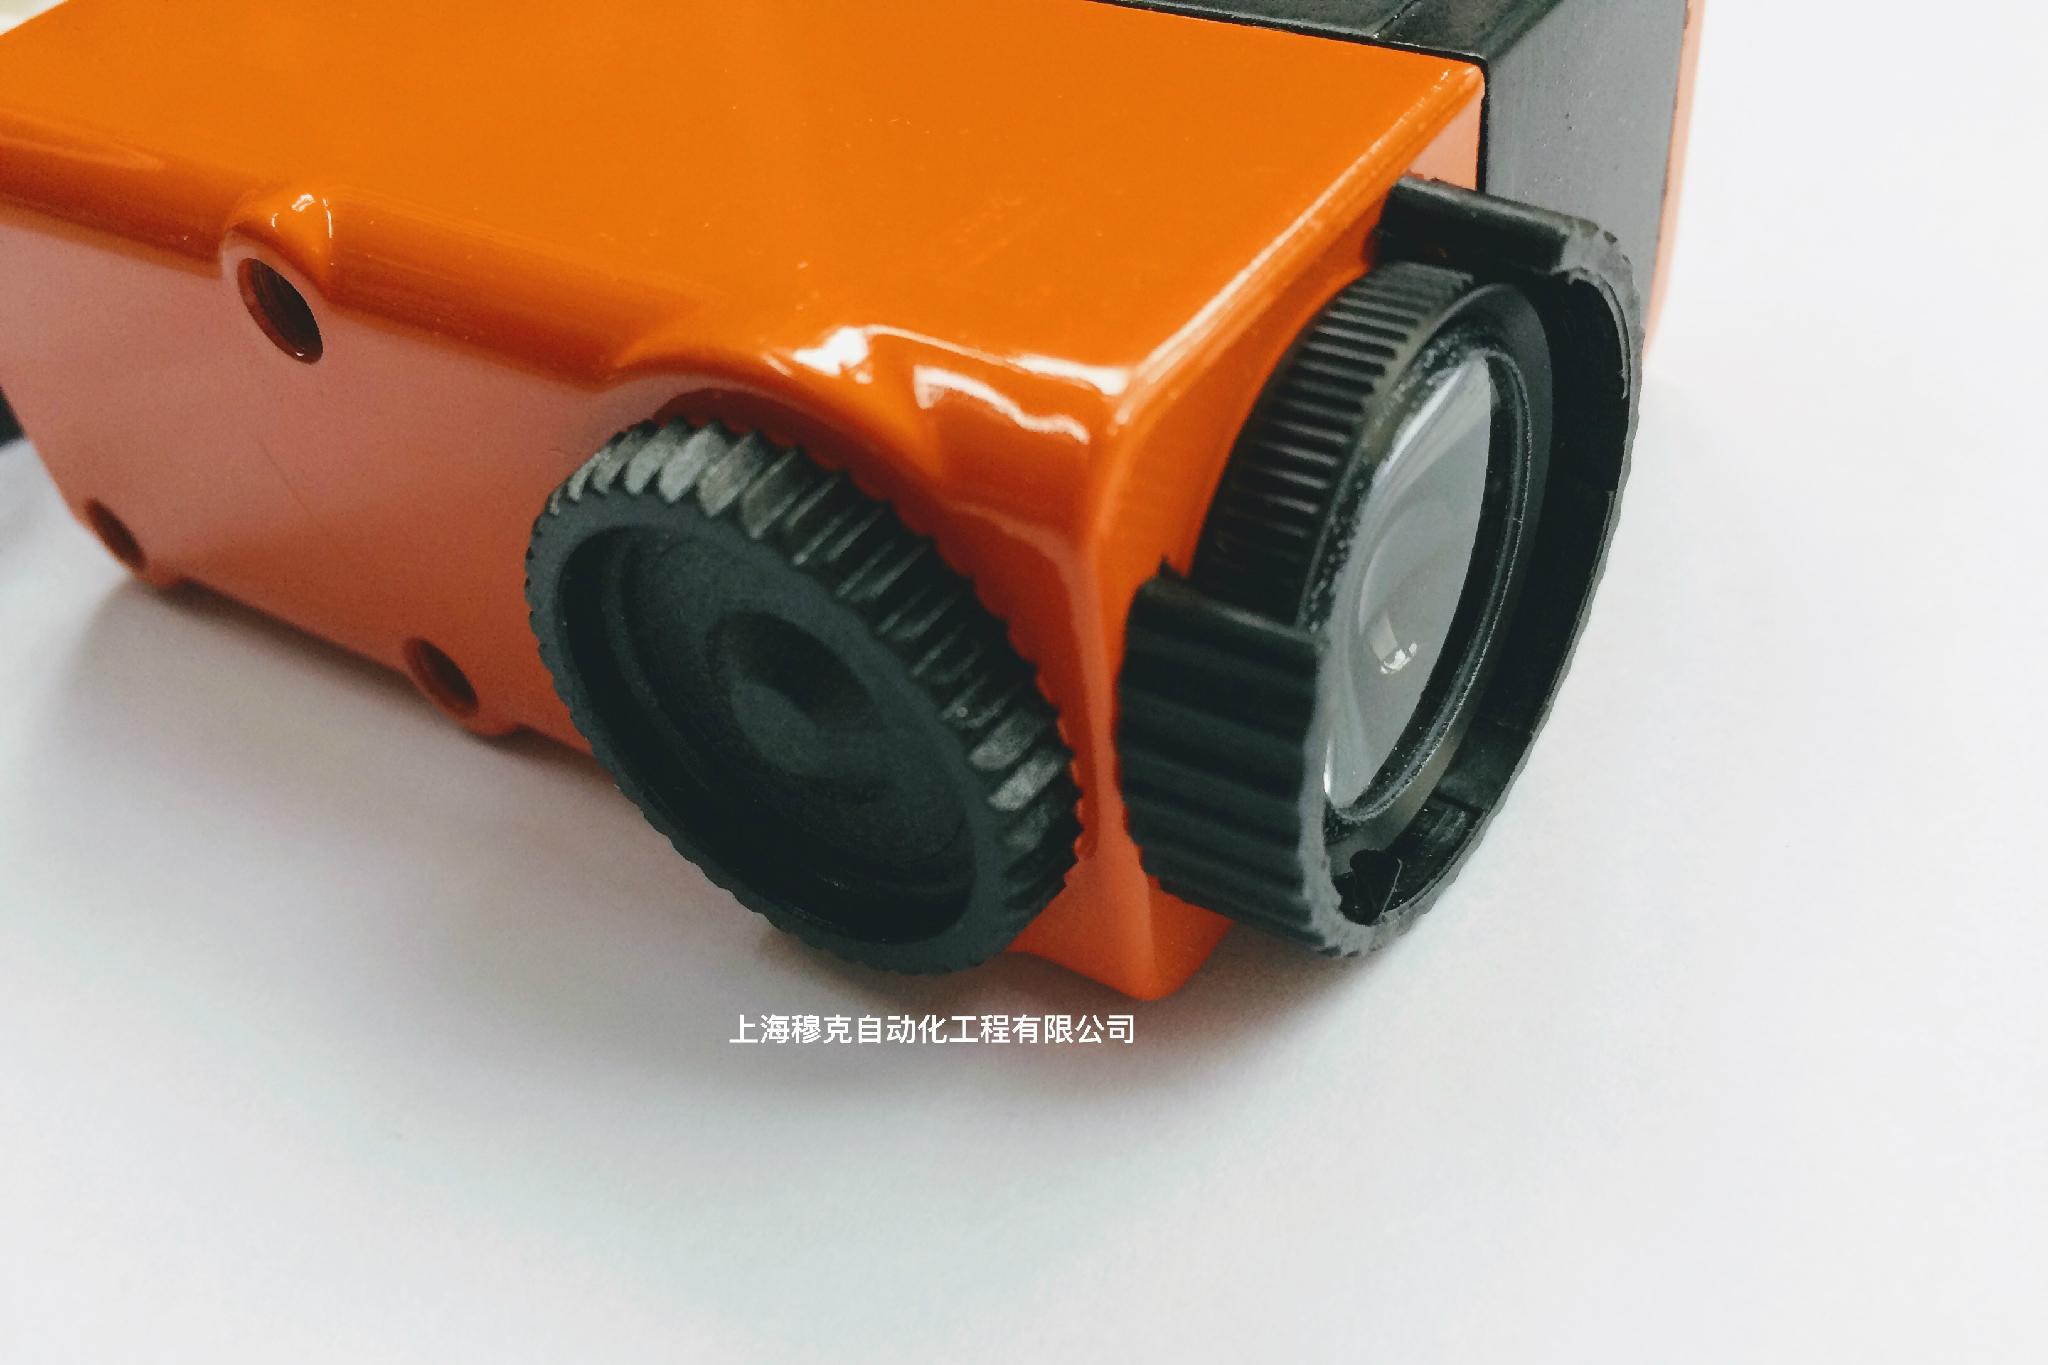 意大利Datalogic色标传感器TL10-011 3